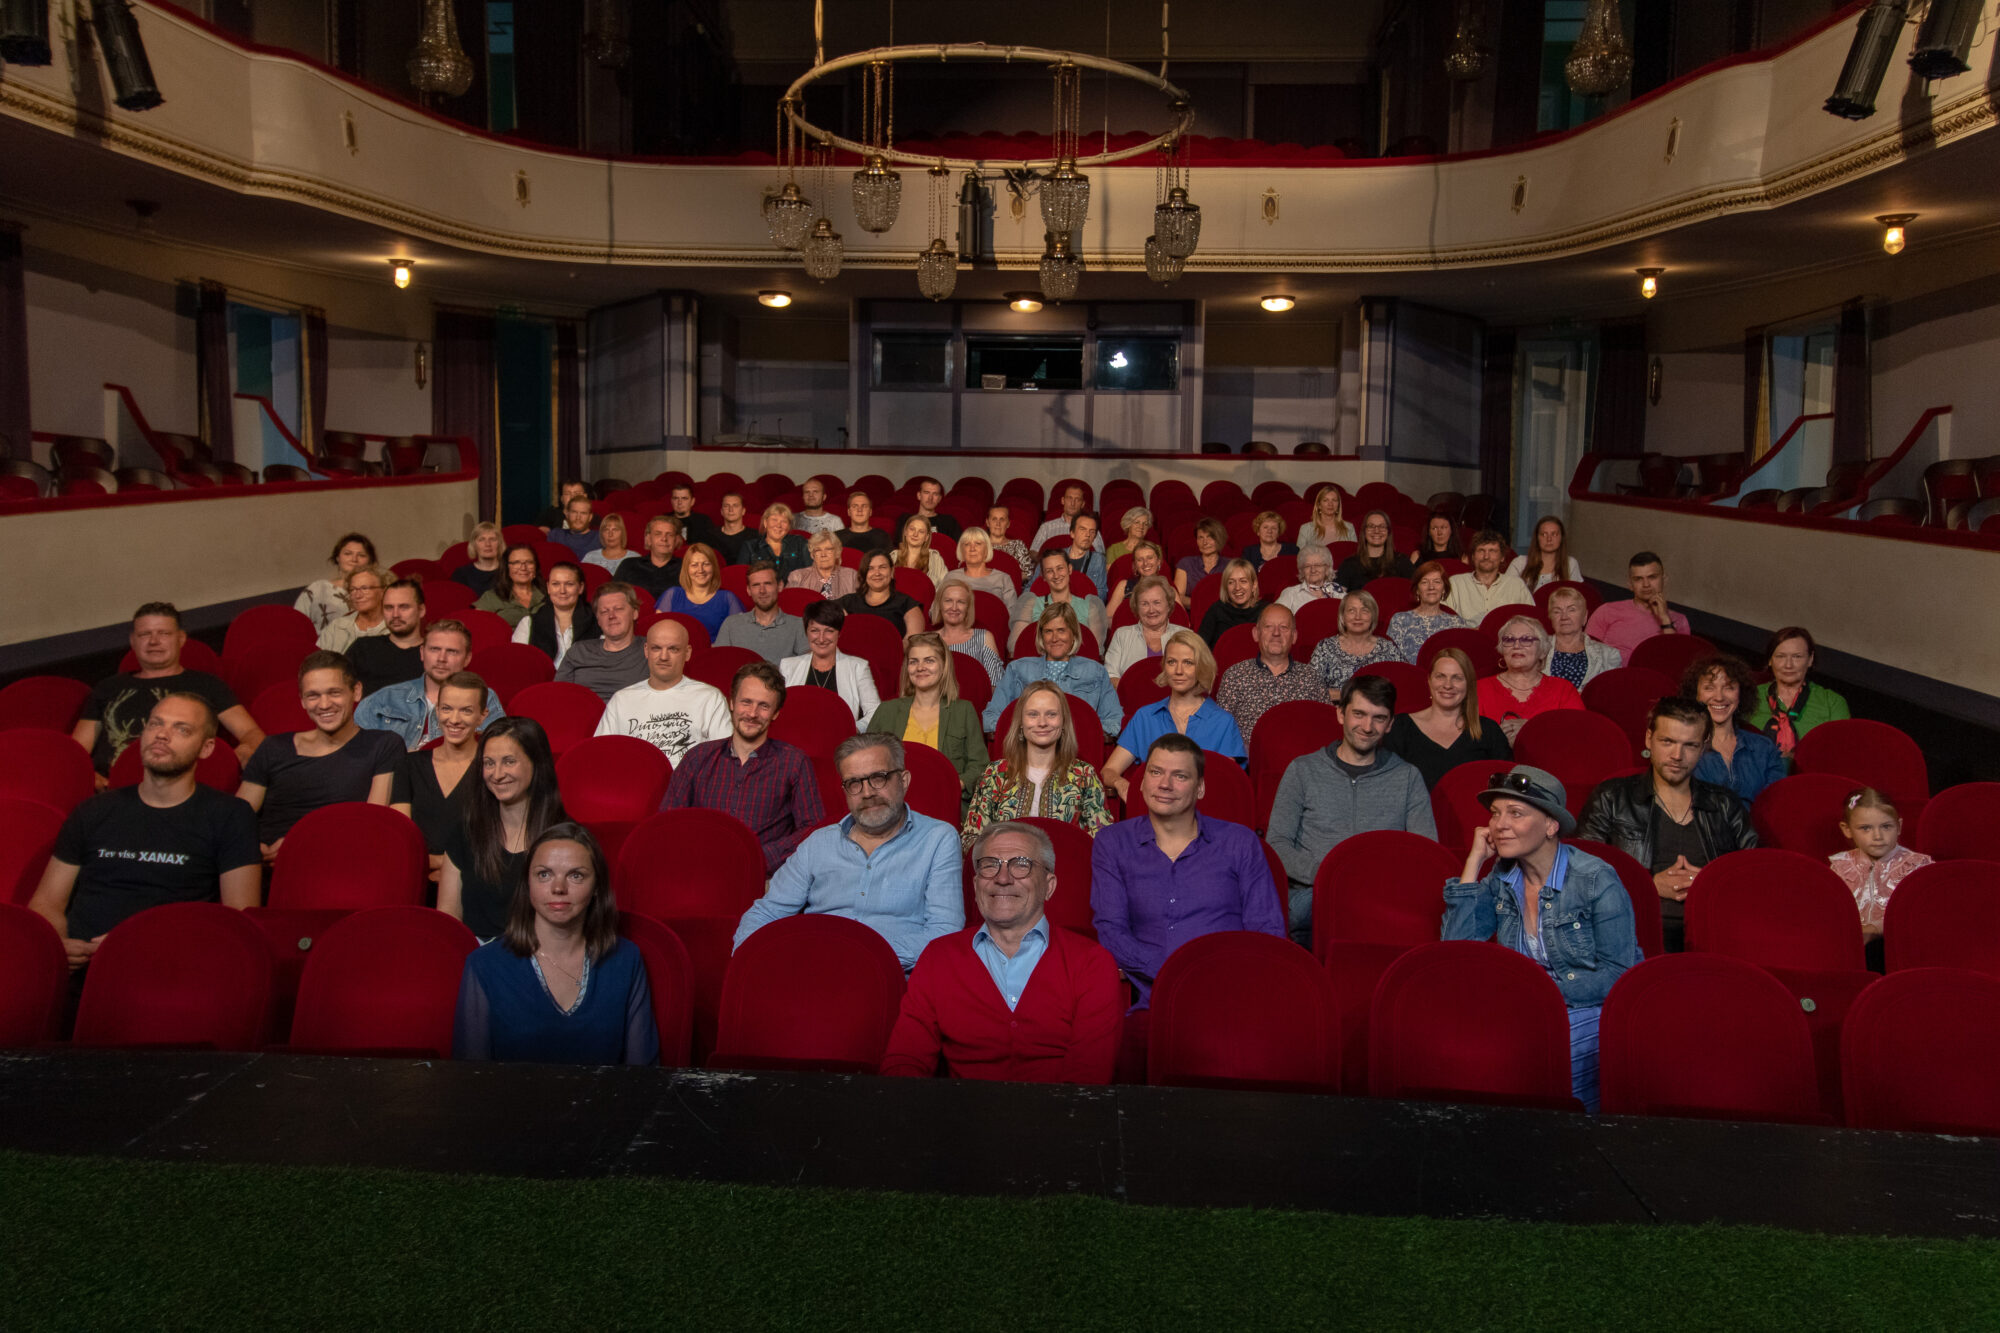 Liepājas teātris gaida skatītājus, nevis biļetes